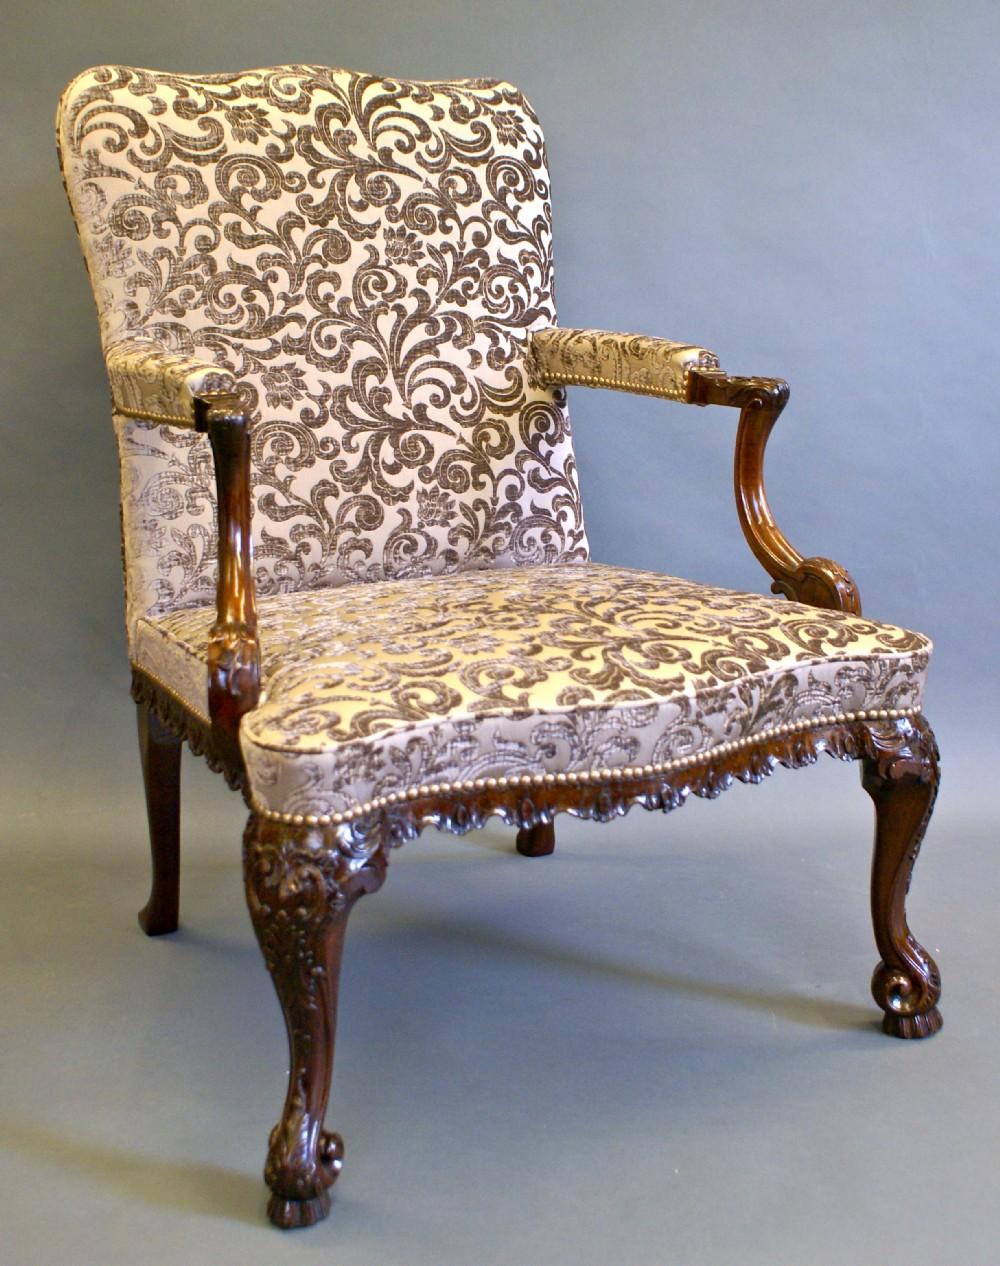 a superb 19th century gainsboroughlibrary arm chair